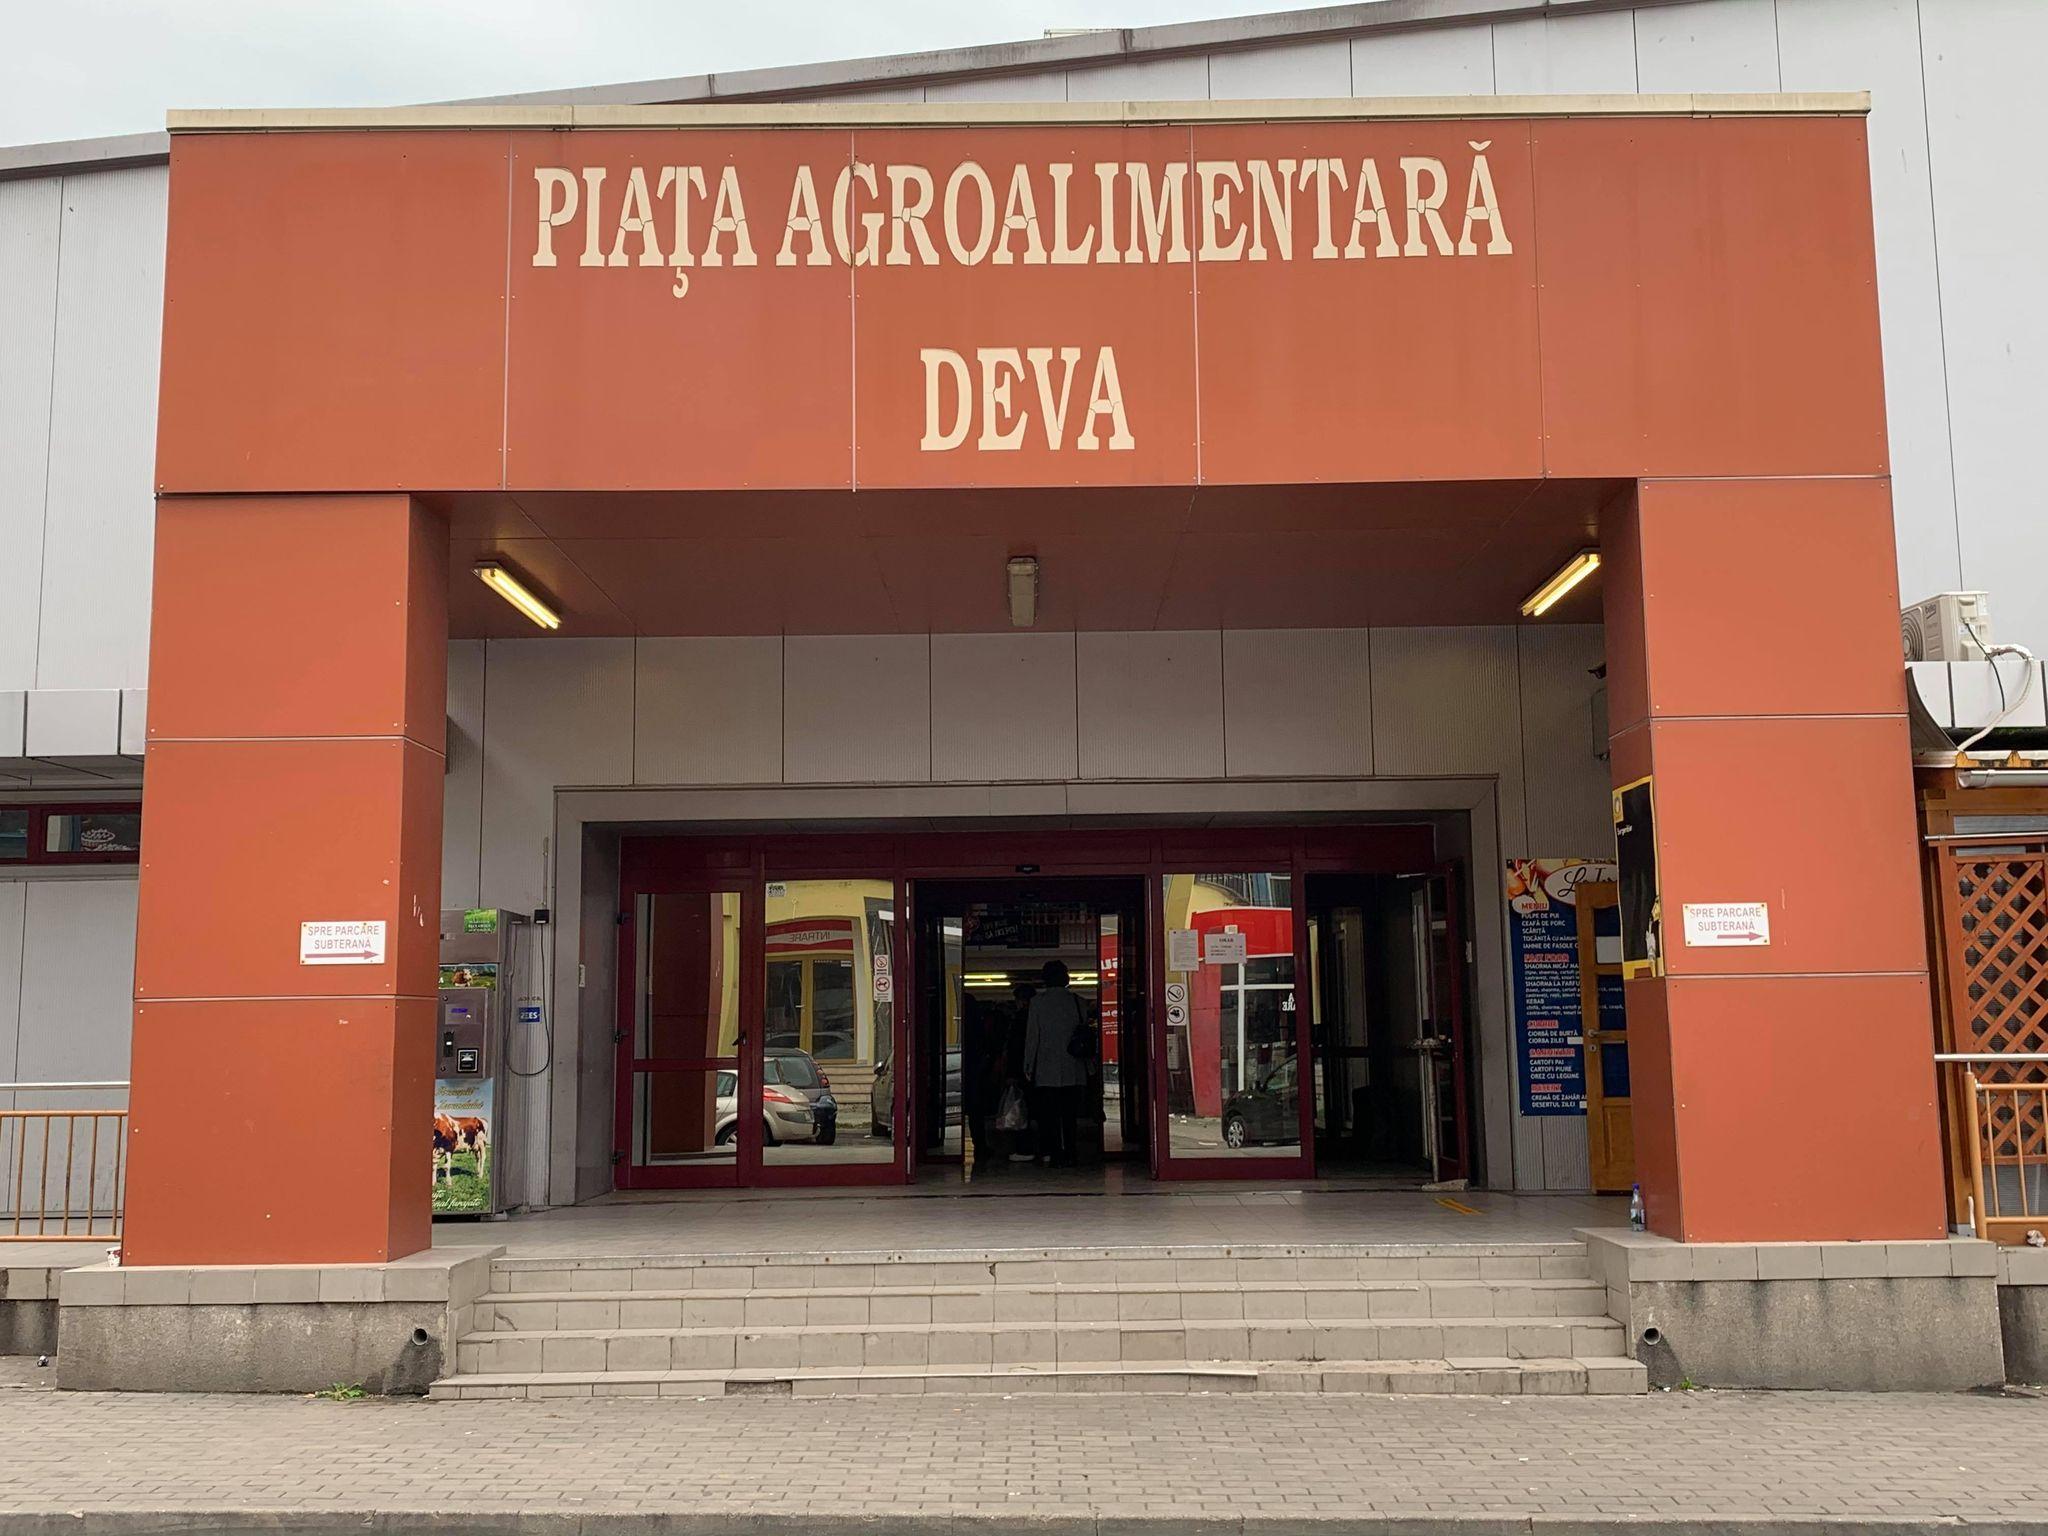 Piața Centrală Agroalimentară va fi preluată de Primăria Deva